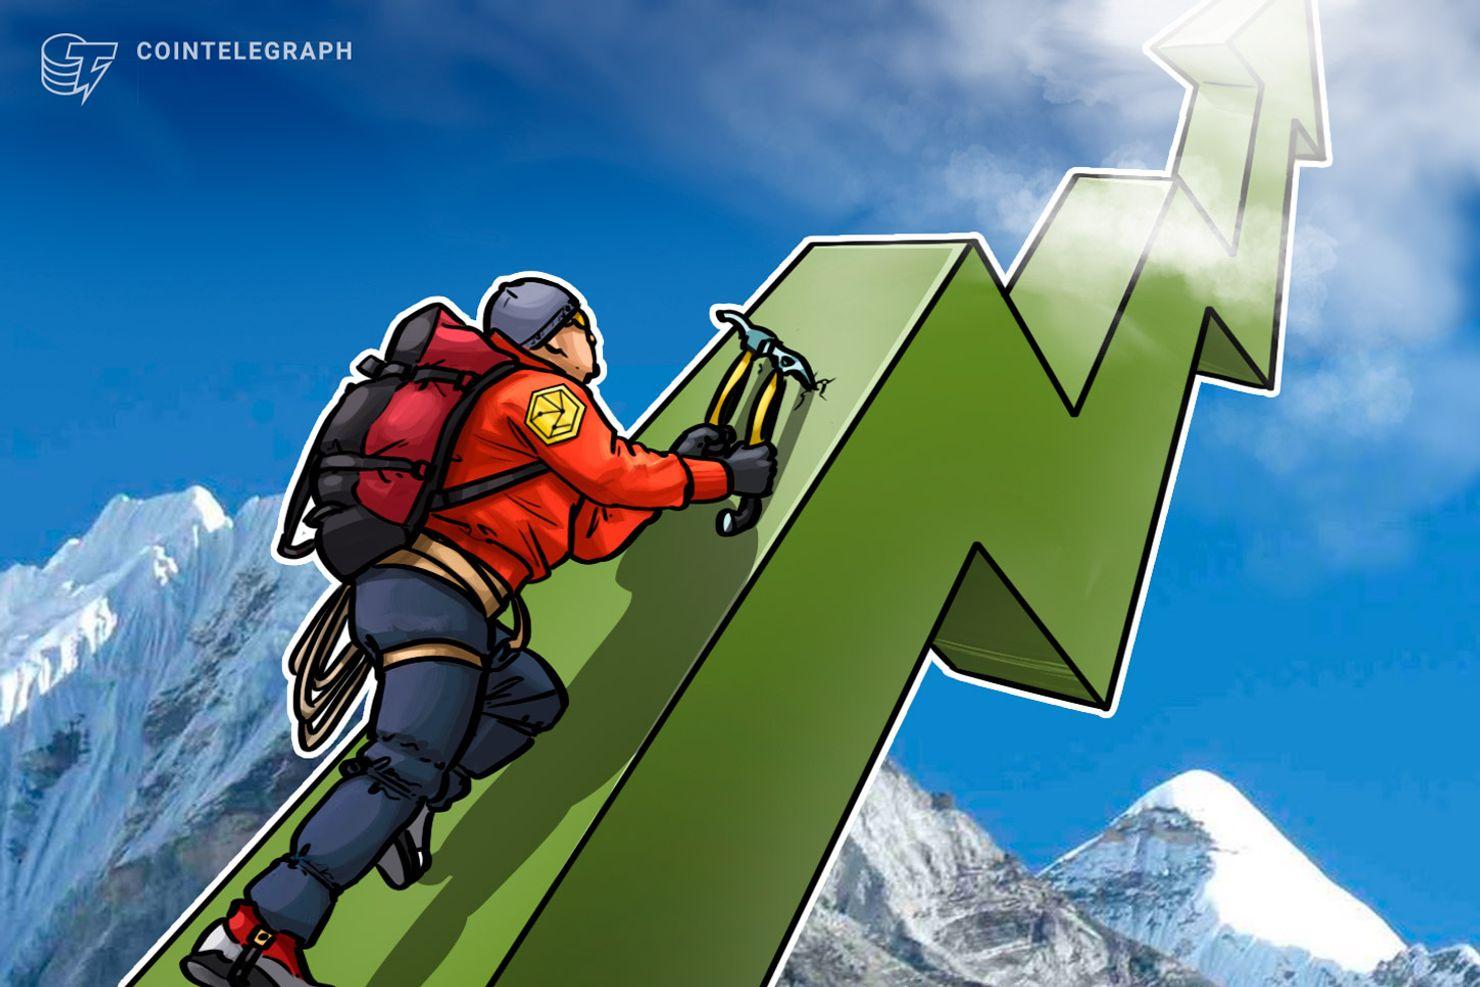 Kryptowährungsmarkt steigt weiter: Ripple verzeichnet 68 Prozent Plus